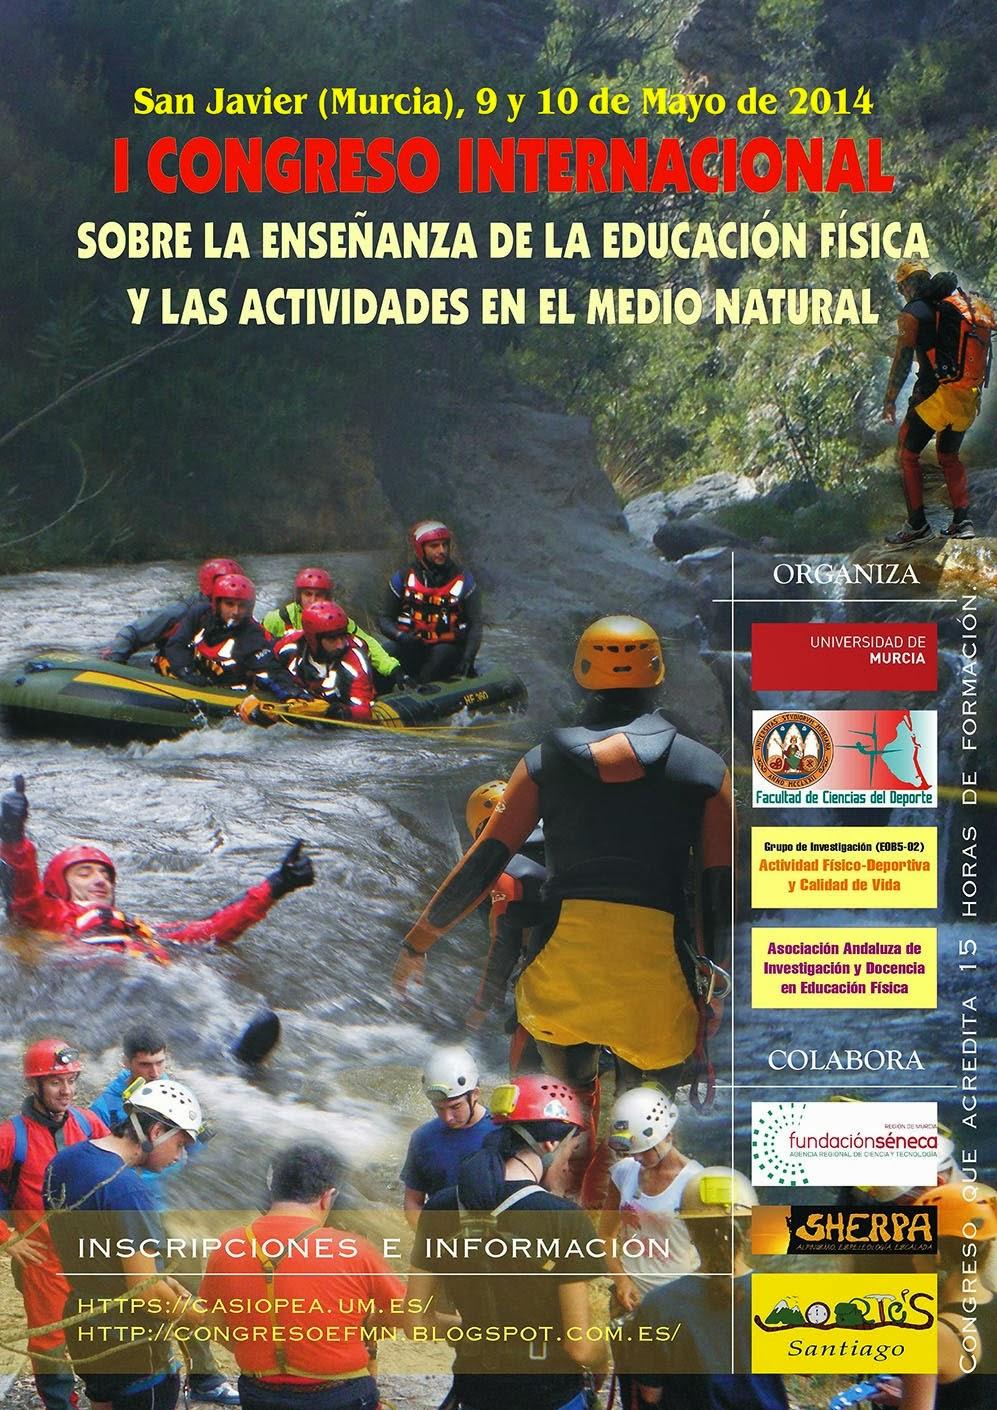 ttp://congresoefmn.blogspot.com.es/p/blog-page.html